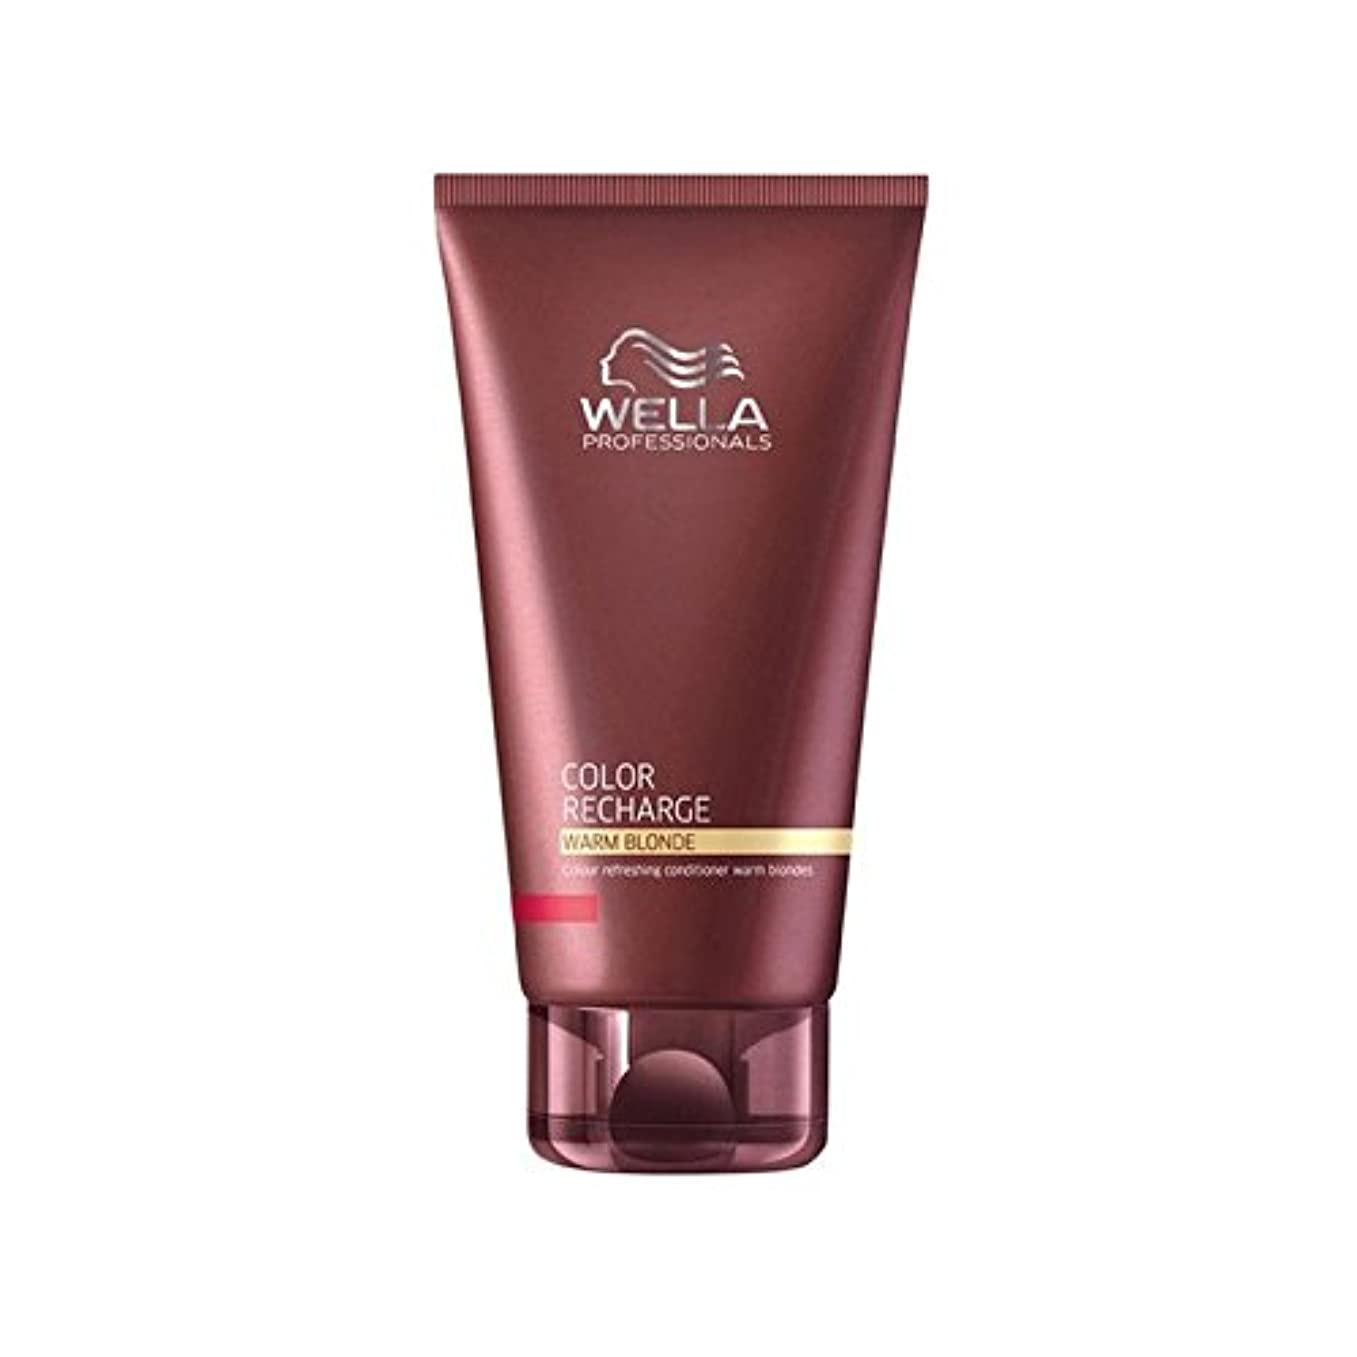 記念碑的な葉変化Wella Professionals Color Recharge Conditioner Warm Blonde (200ml) (Pack of 6) - ウエラ専門家のカラー再充電コンディショナー暖かいブロンド(...